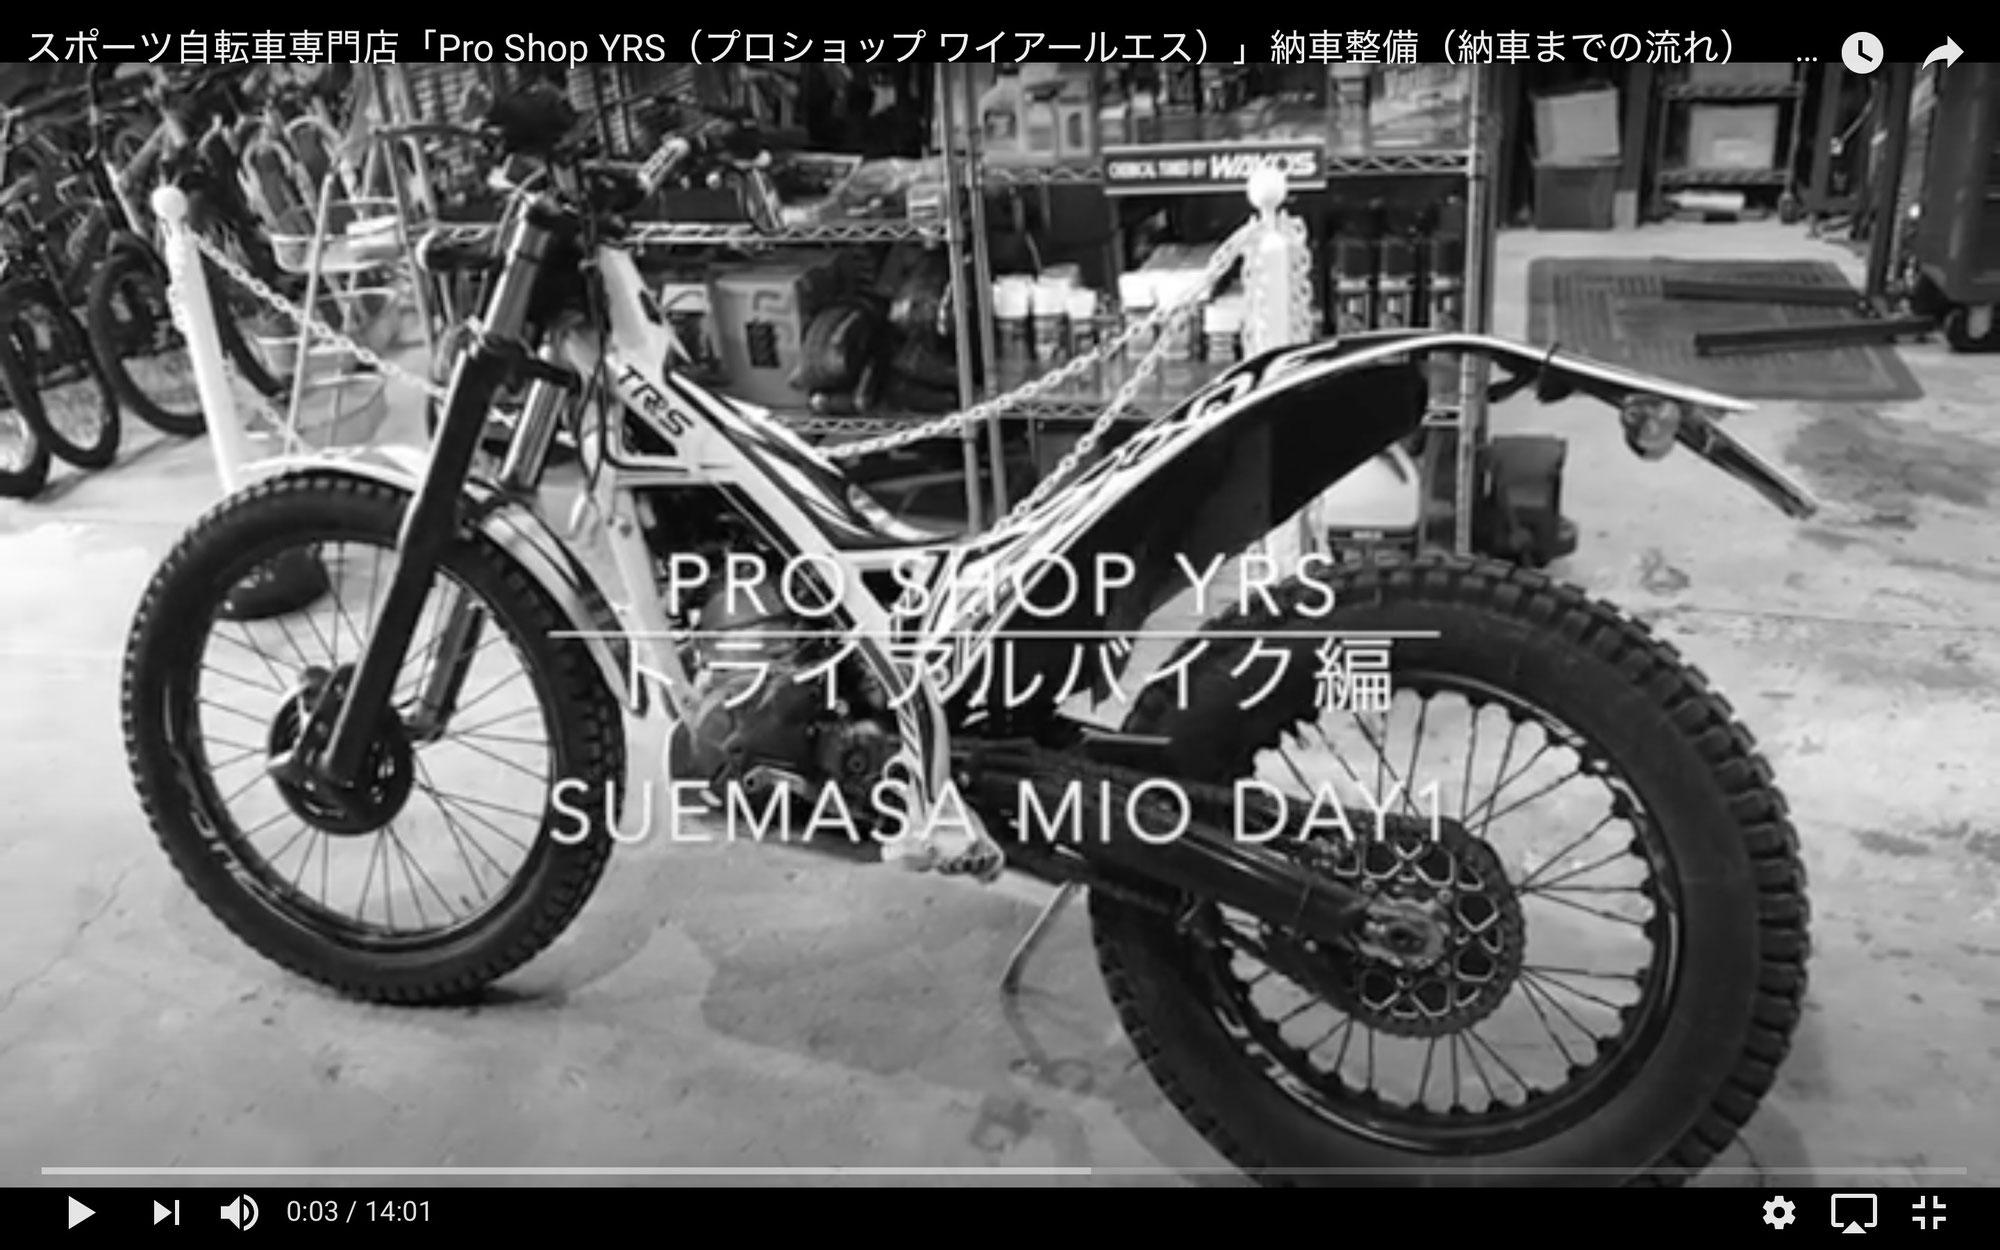 スポーツ自転車専門店「Pro Shop YRS(プロショップ ワイアールエス)」納車整備(納車までの流れ) トライアルバイク編 DAY1